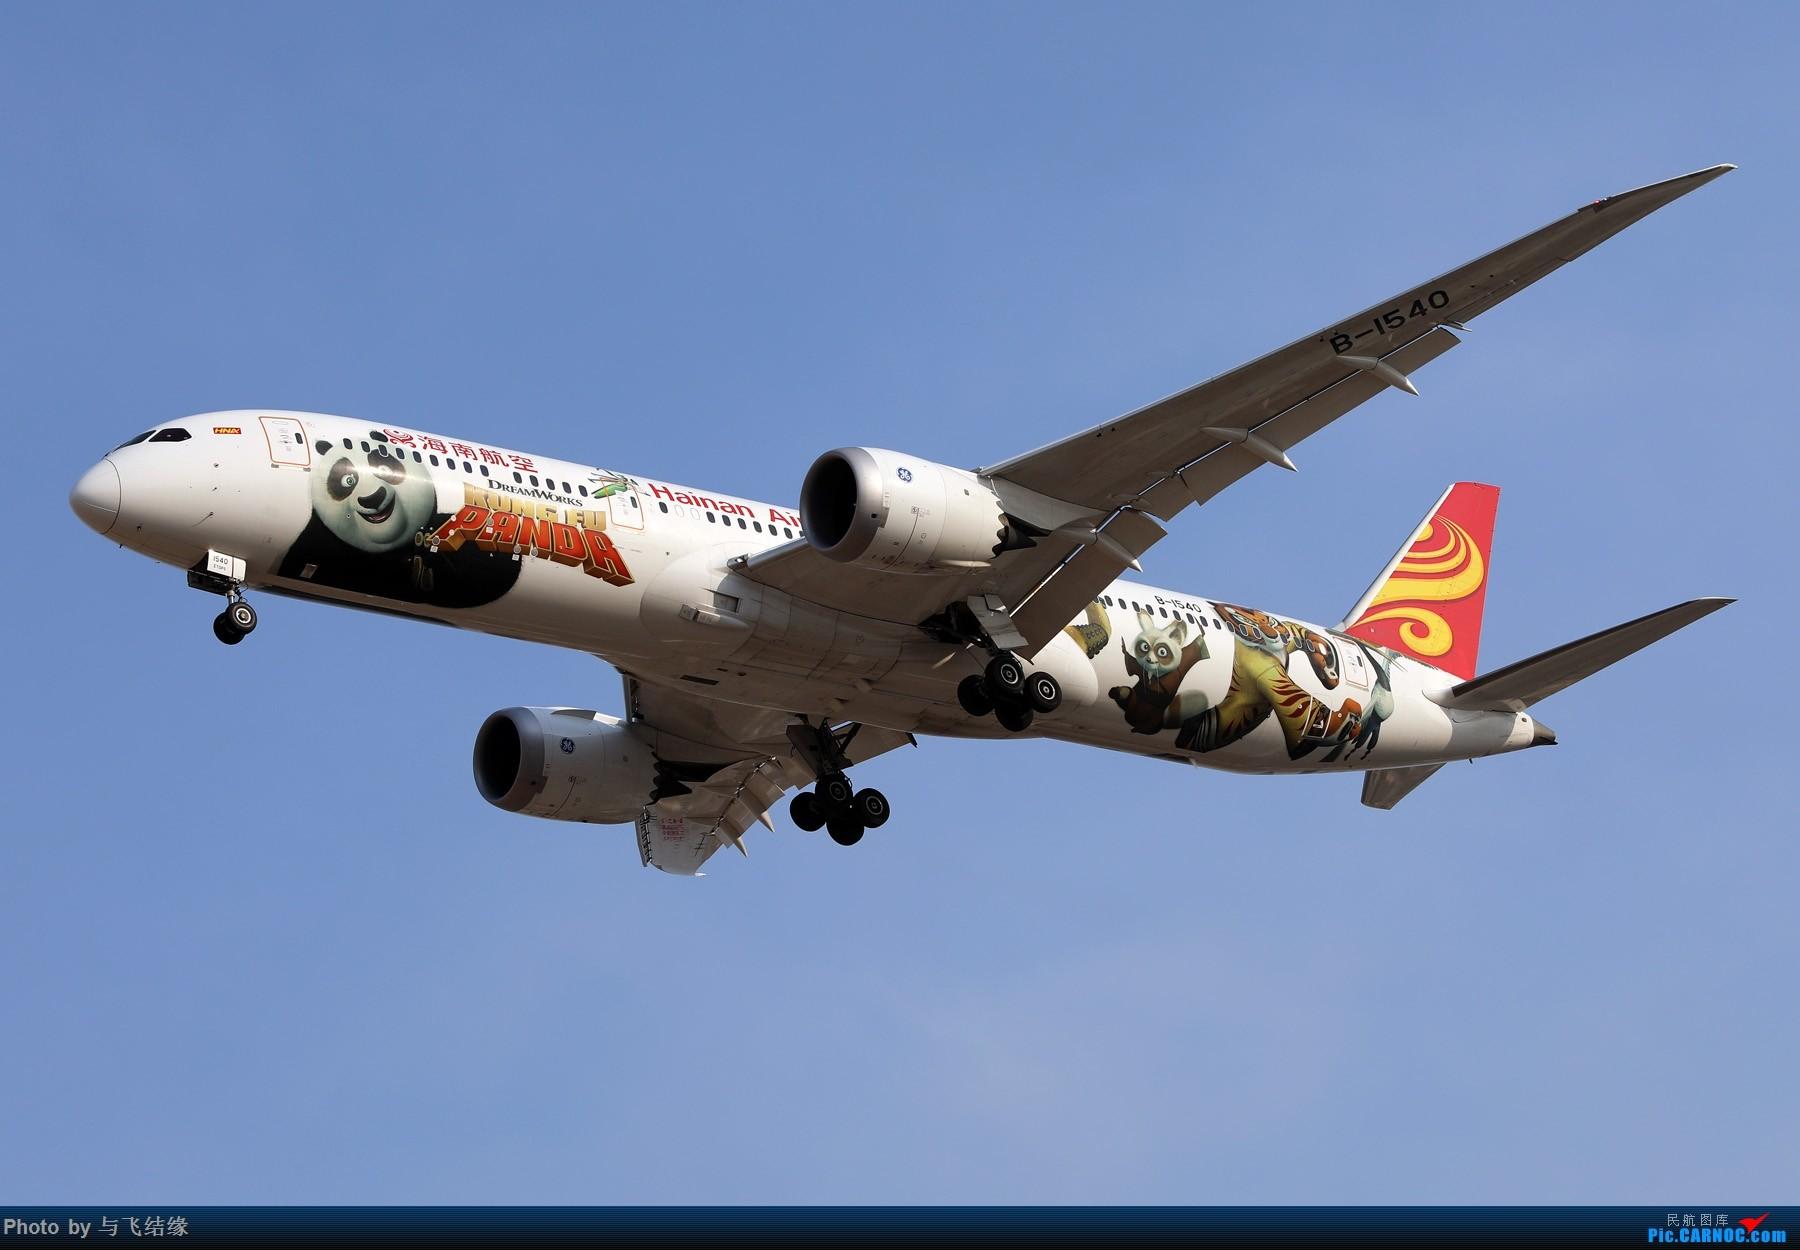 [原创]新视角的海航B-1540靓图!!! BOEING 787-9 B-1540 中国北京首都国际机场